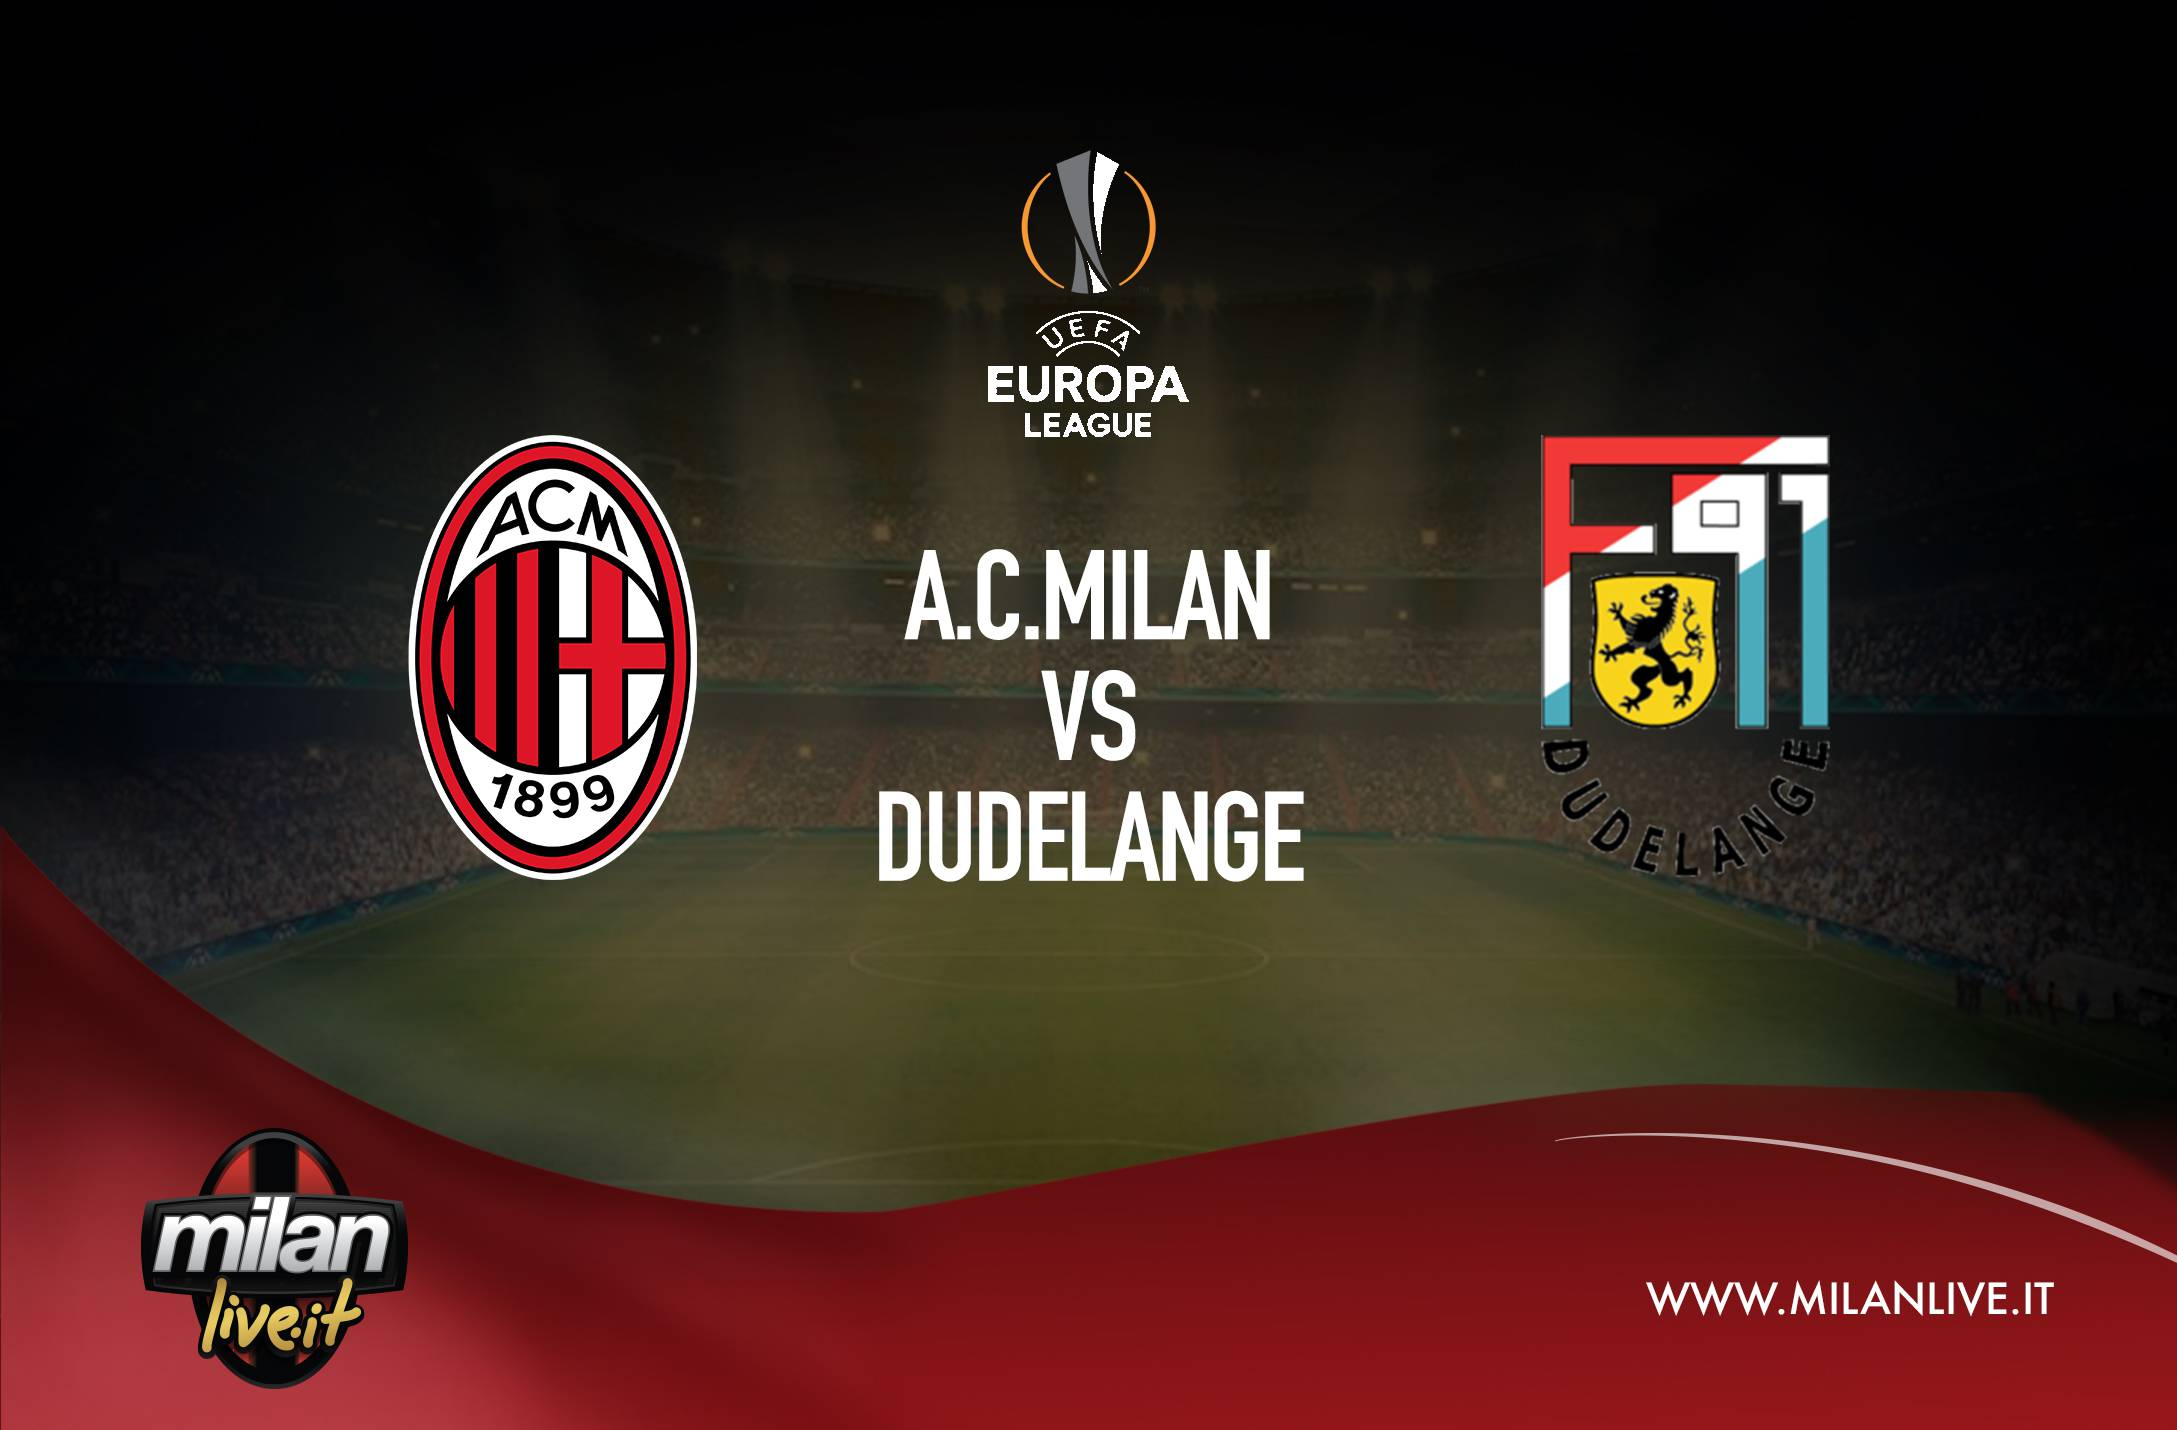 Milan-Dudelange streaming